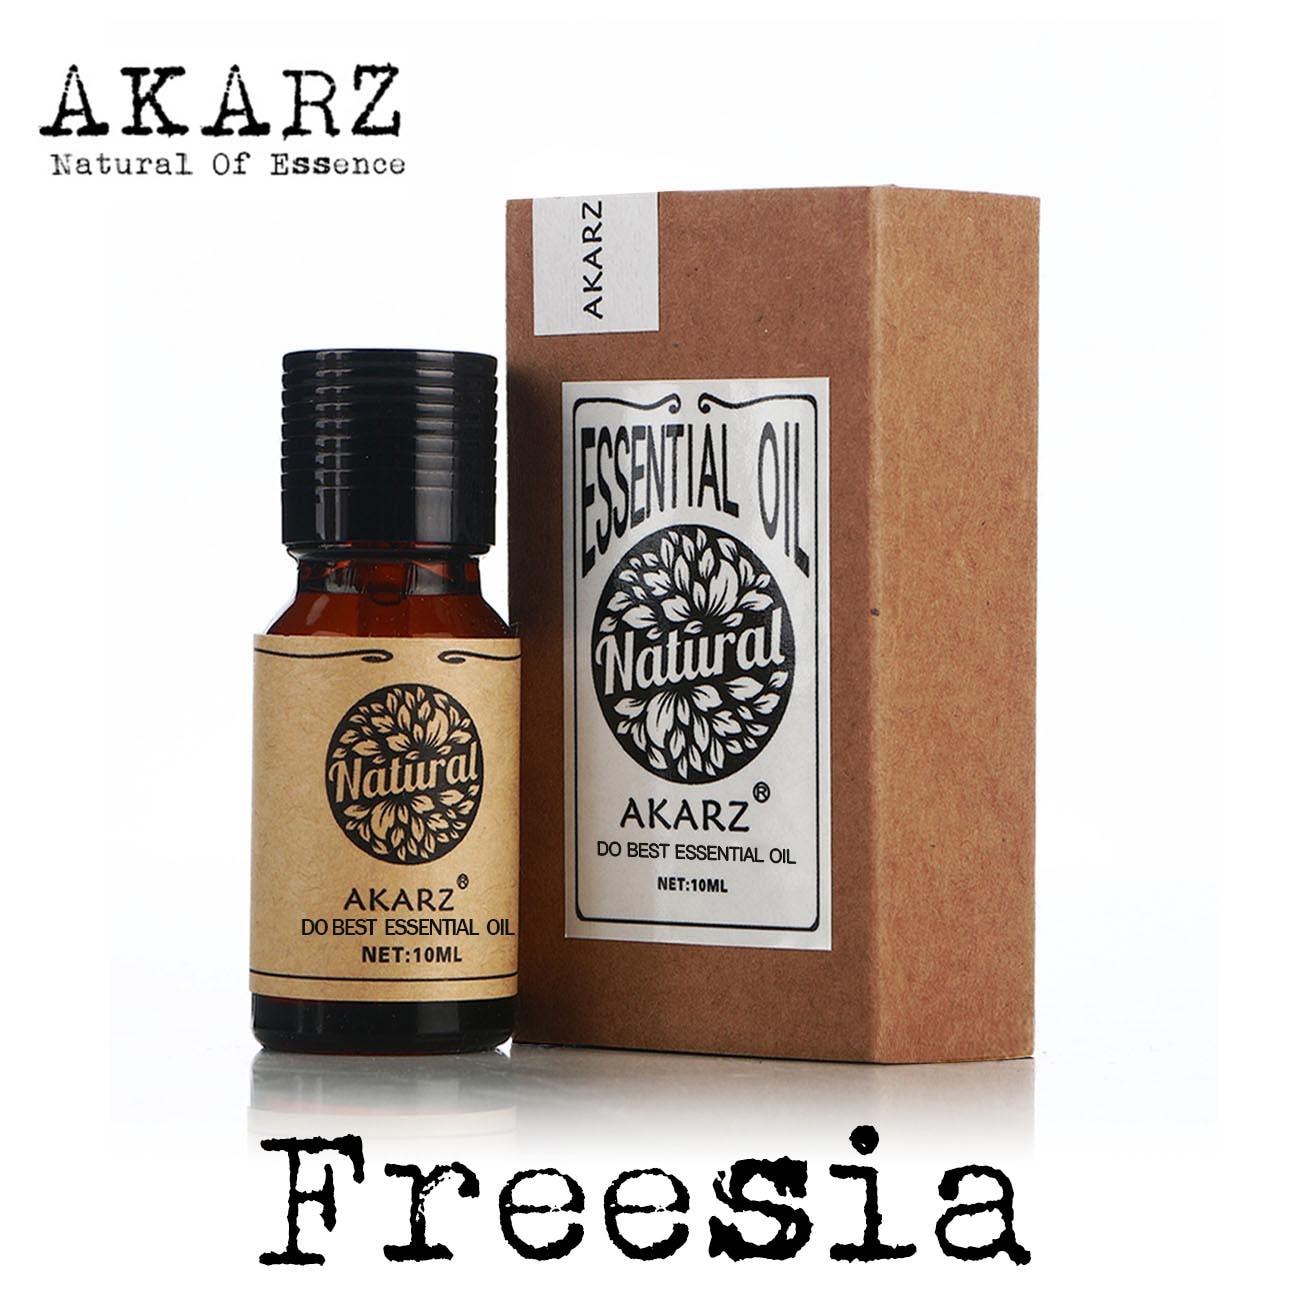 AKARZ marca Famosa aromaterapia naturale cumino olio essenziale Per aiutare in dolore muscolare Risolvere un mal di testa di cumino olio 1